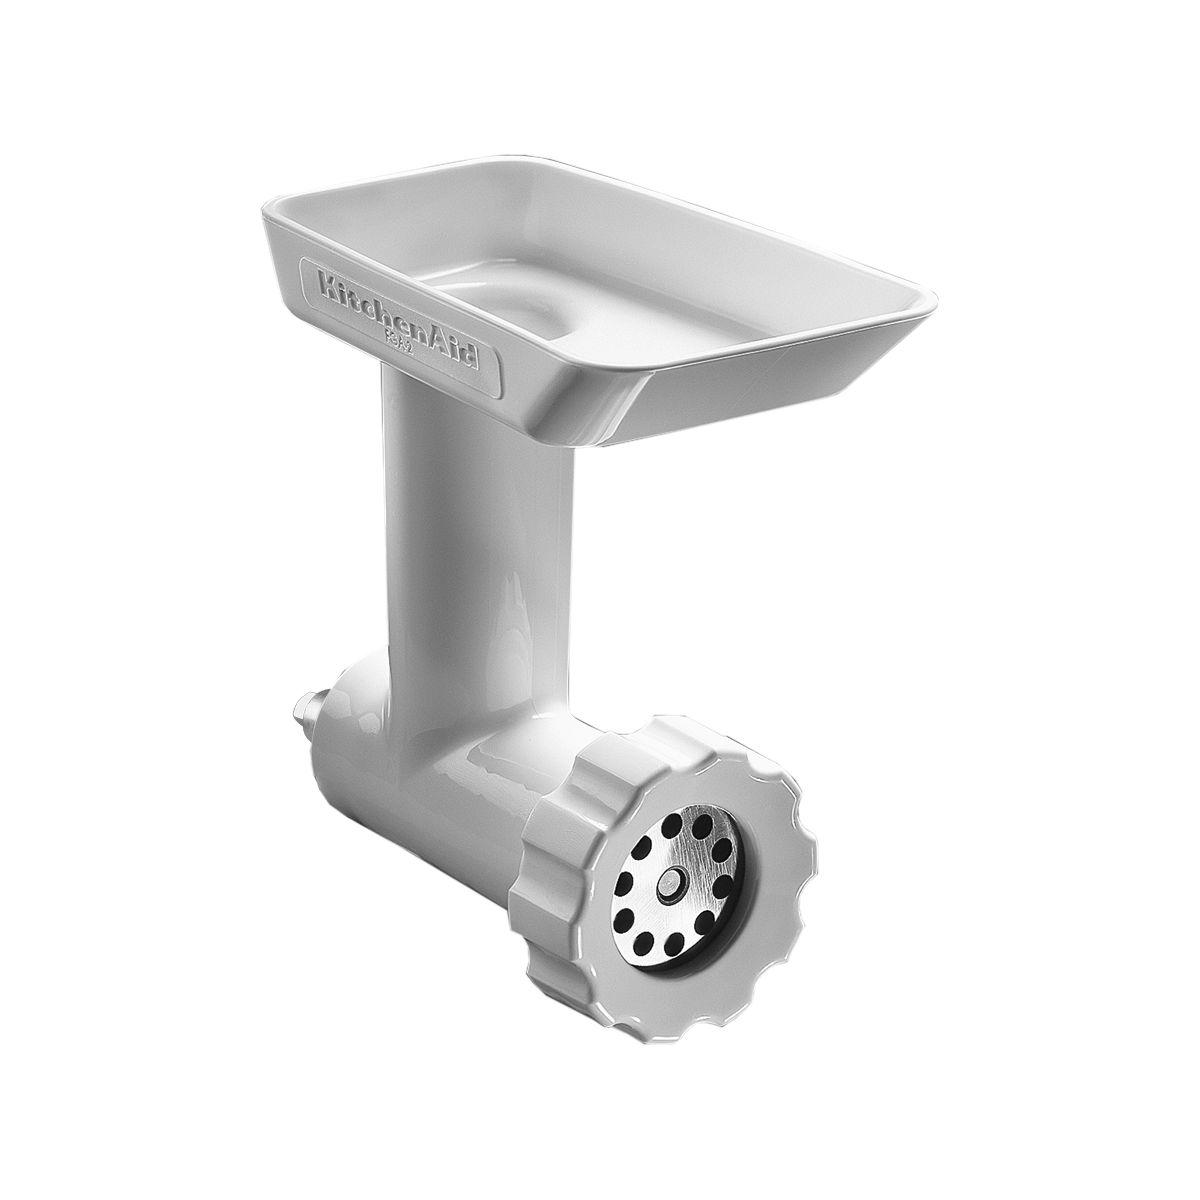 accessoire robot hachoir 5fga kitchenaid - webdistrib